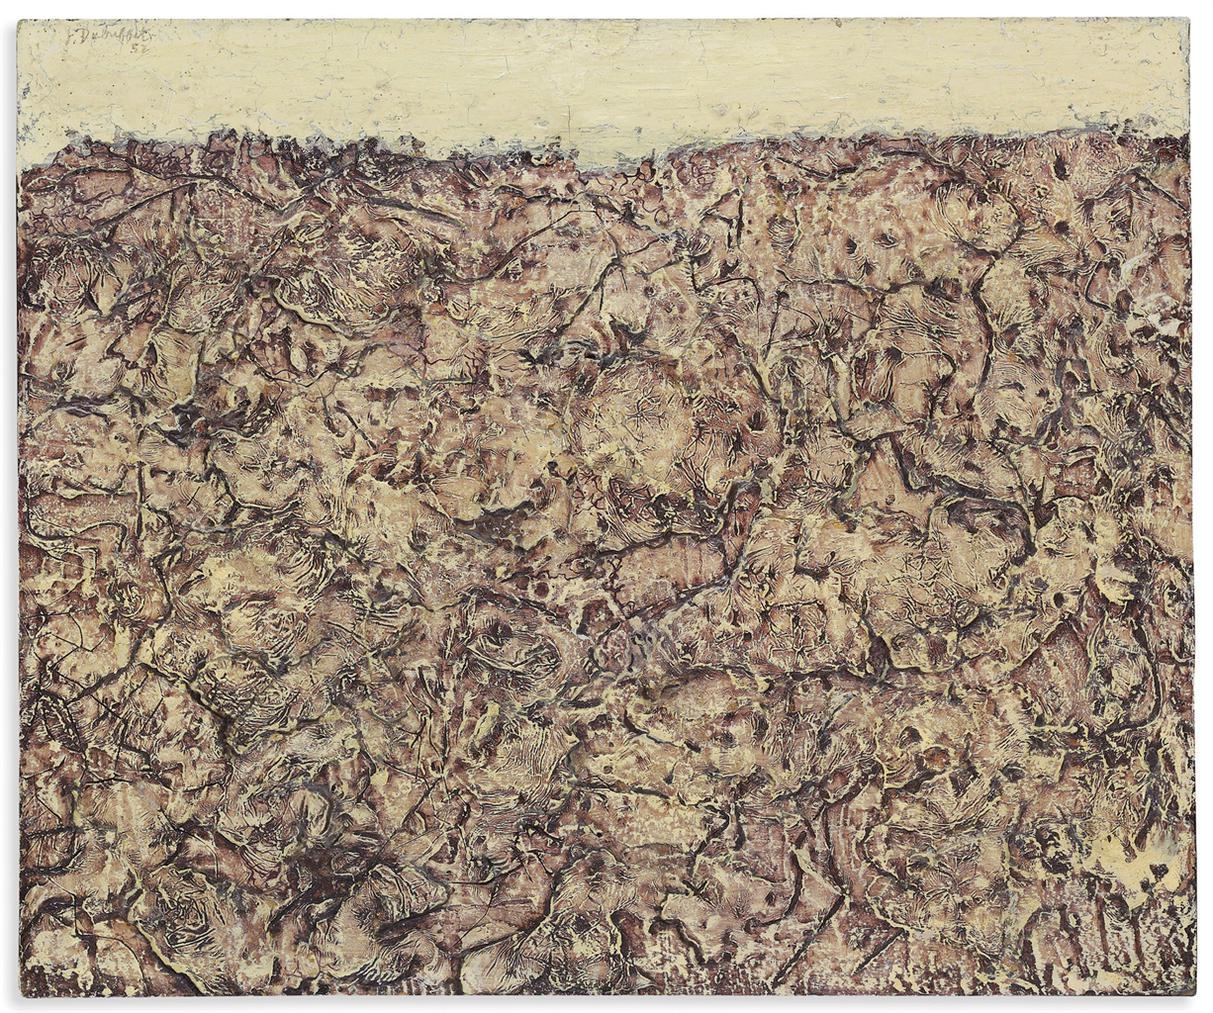 Jean Dubuffet-Expansion De Solitudes (Expansion Of Solitudes)-1952